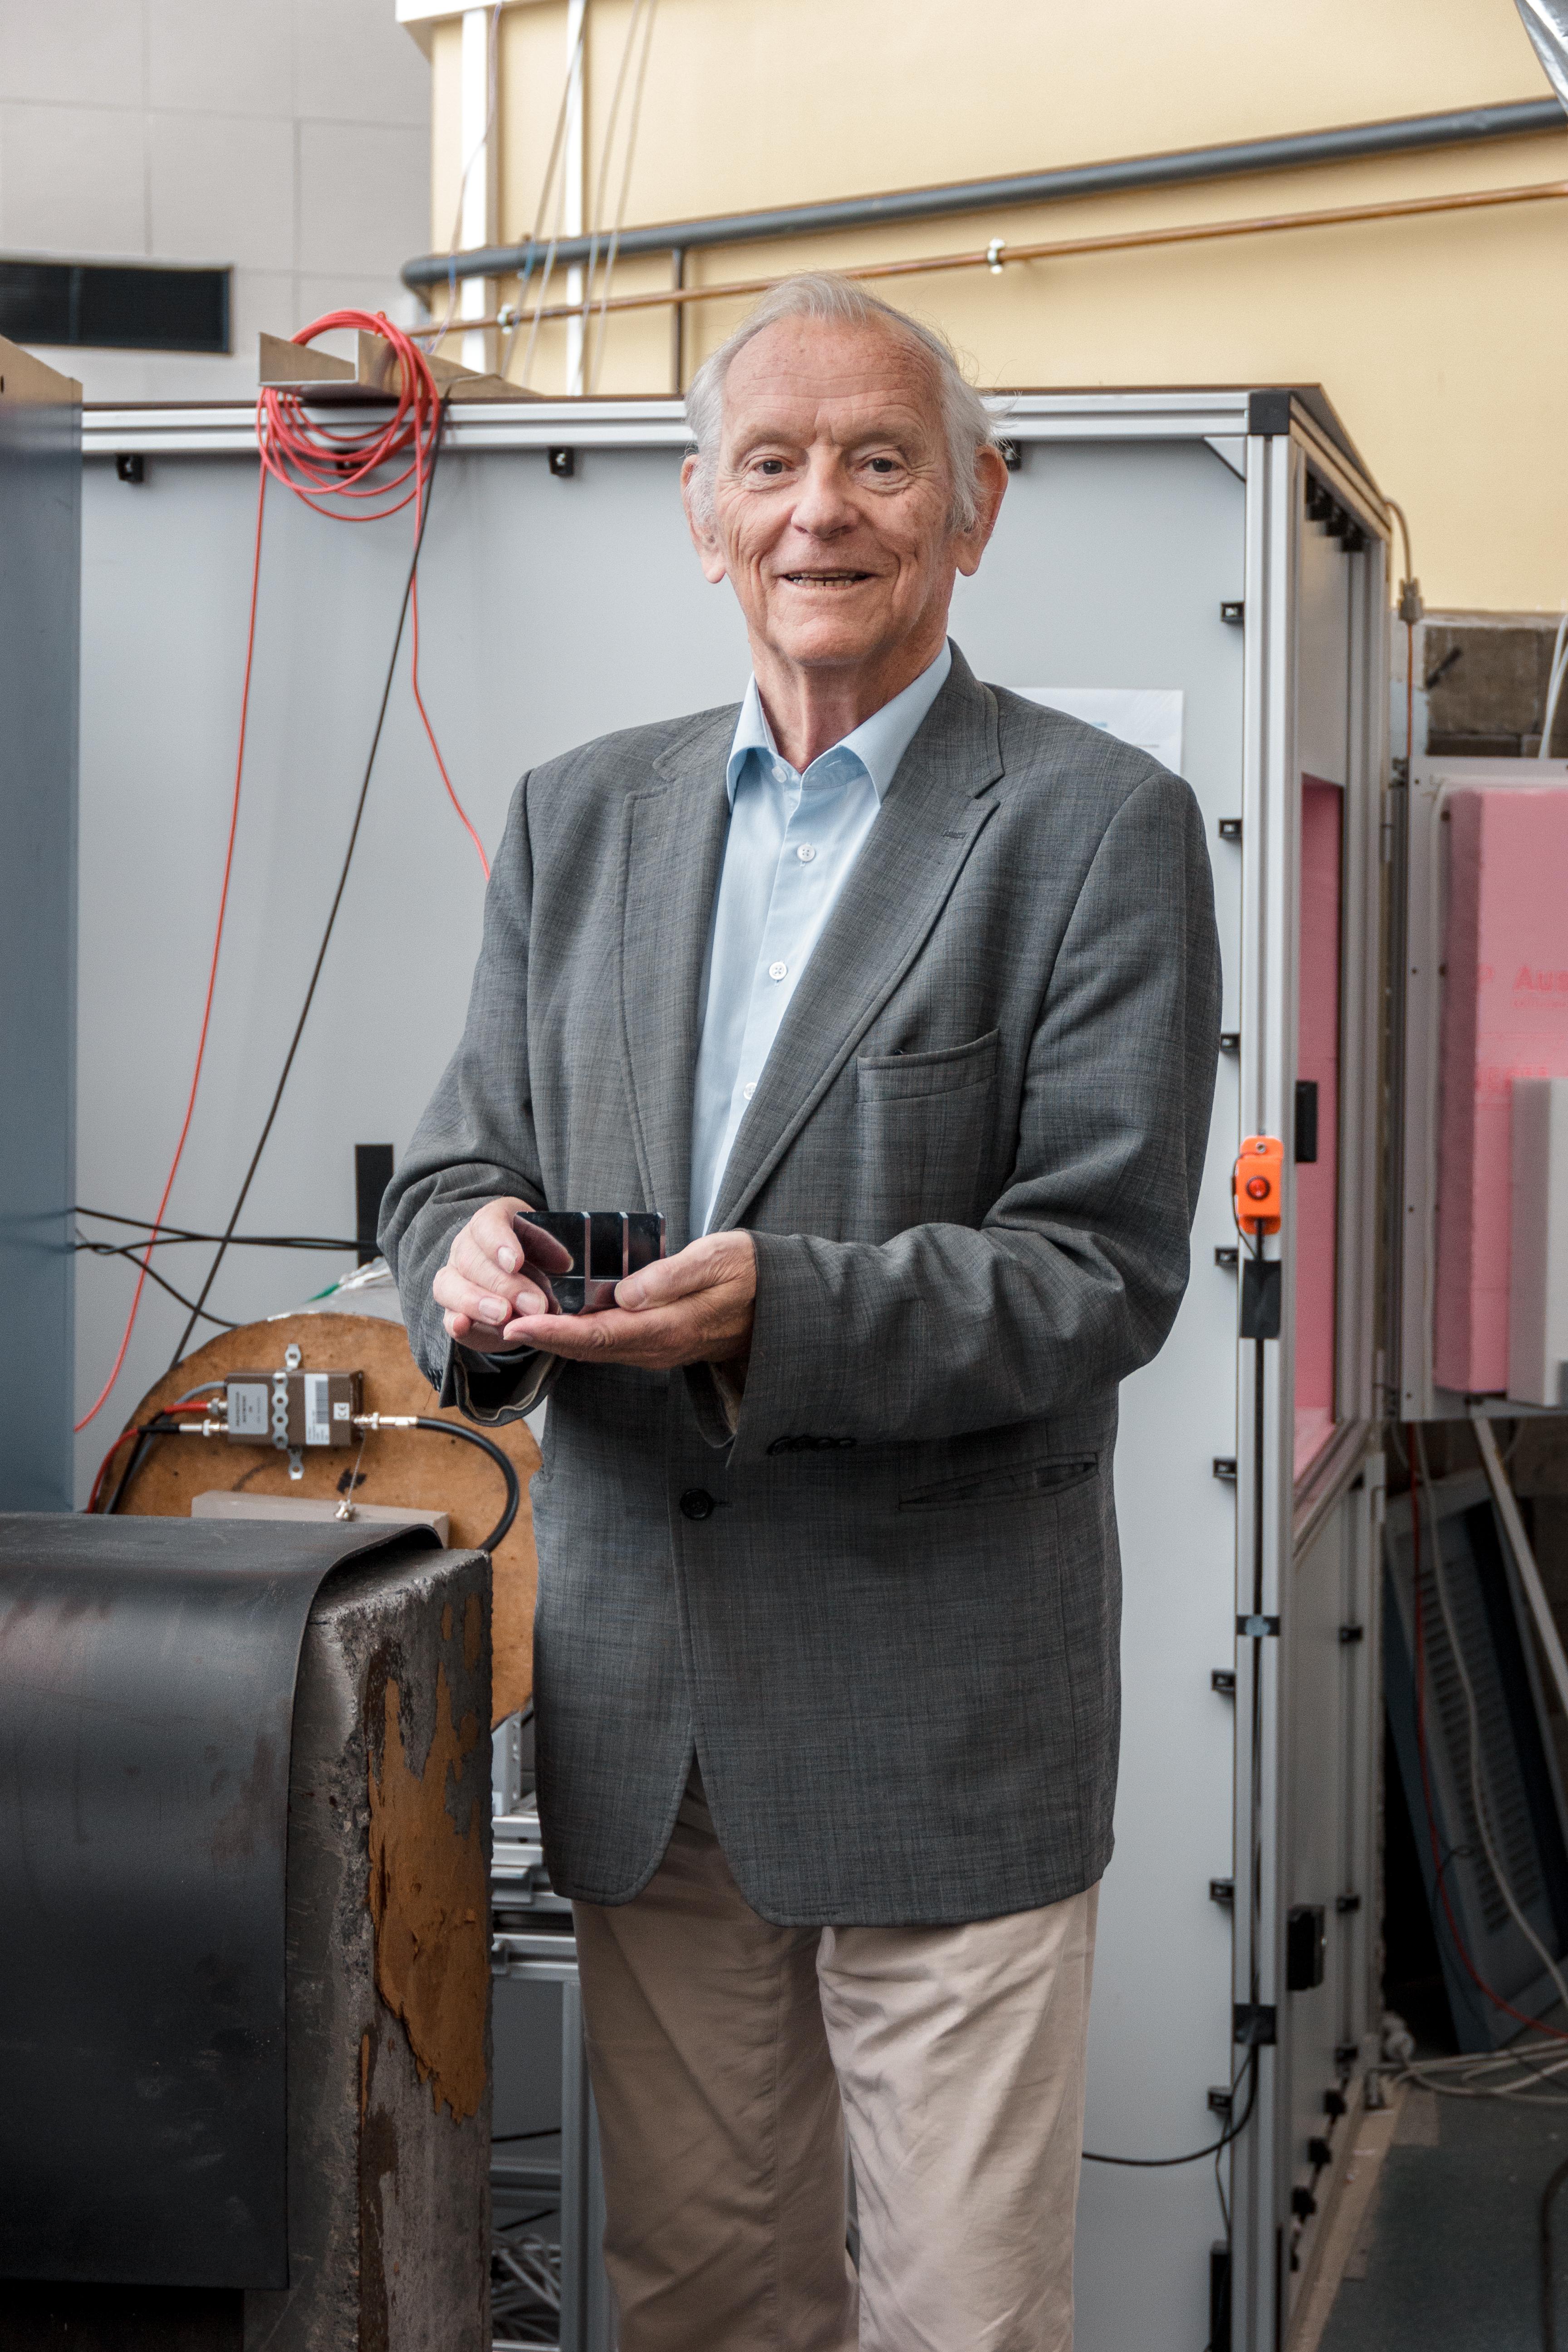 ati-rauch-interferometer-19